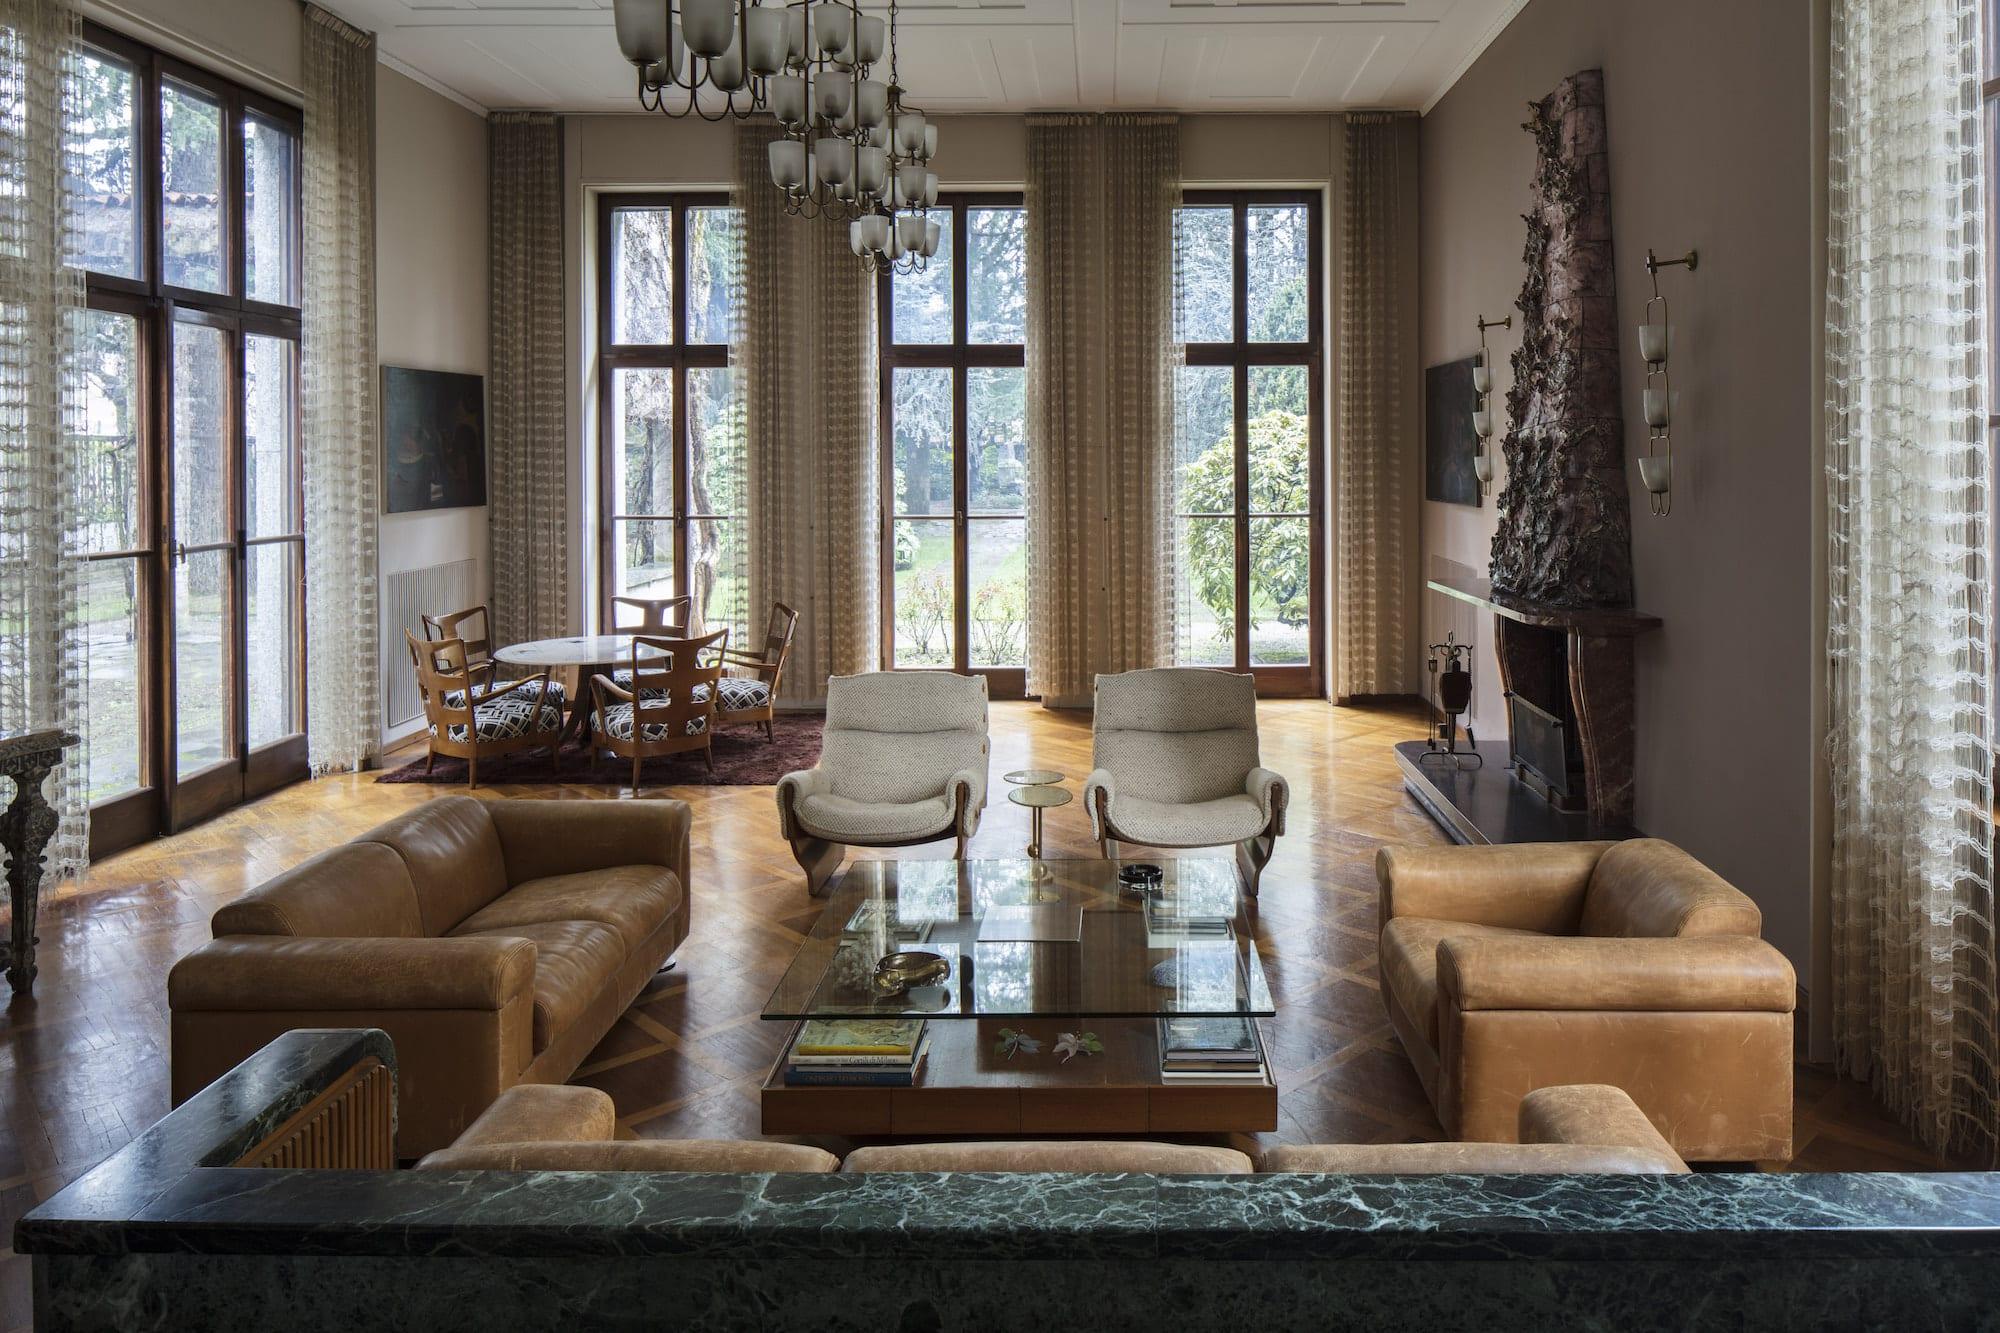 The sunken living room of Villa Borsani